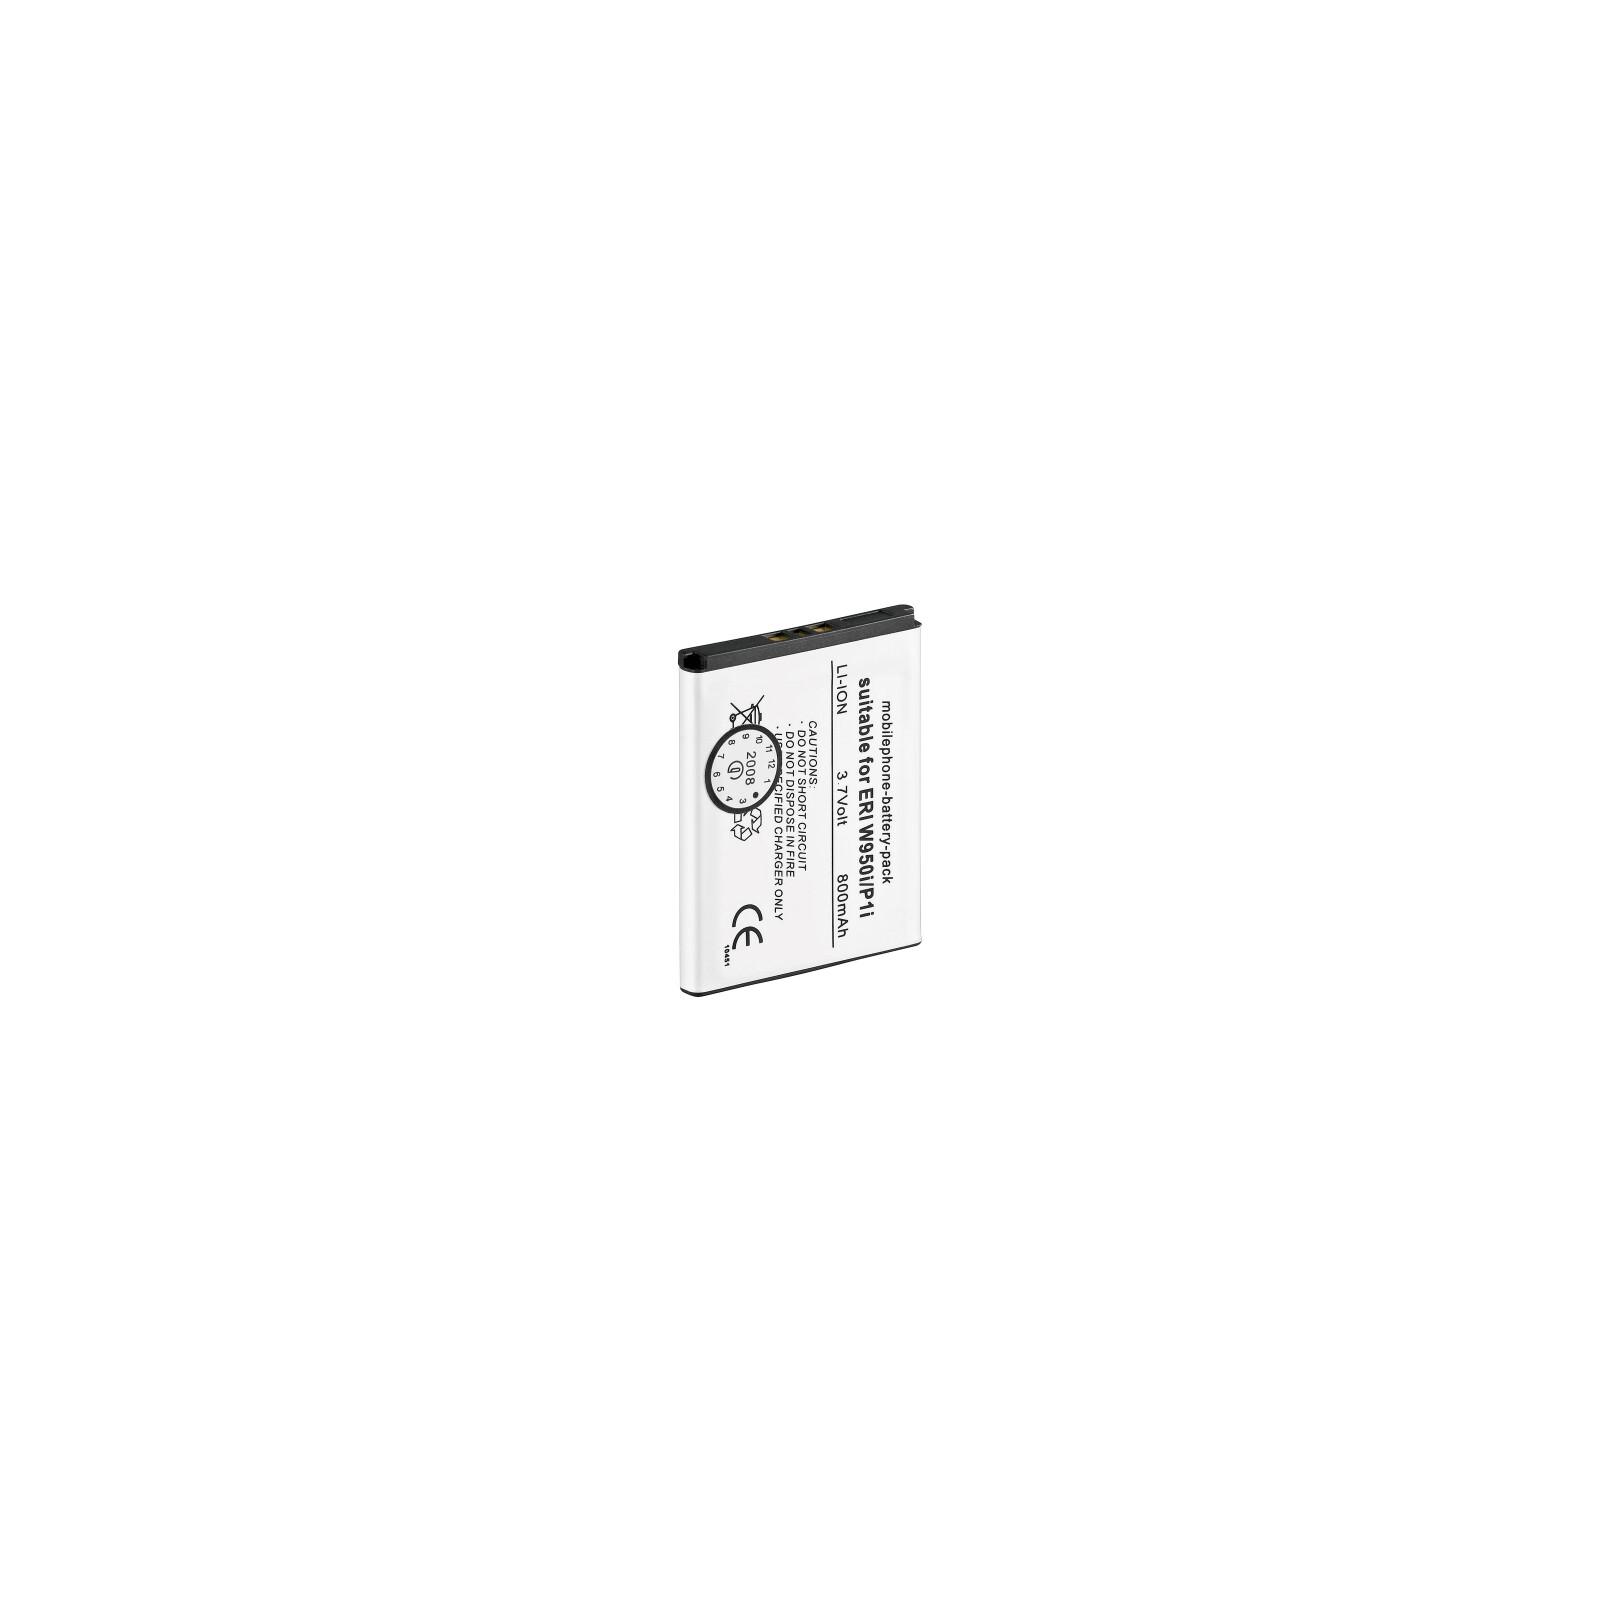 AGI Akku Sony Ericsson P1 I 650 mAh